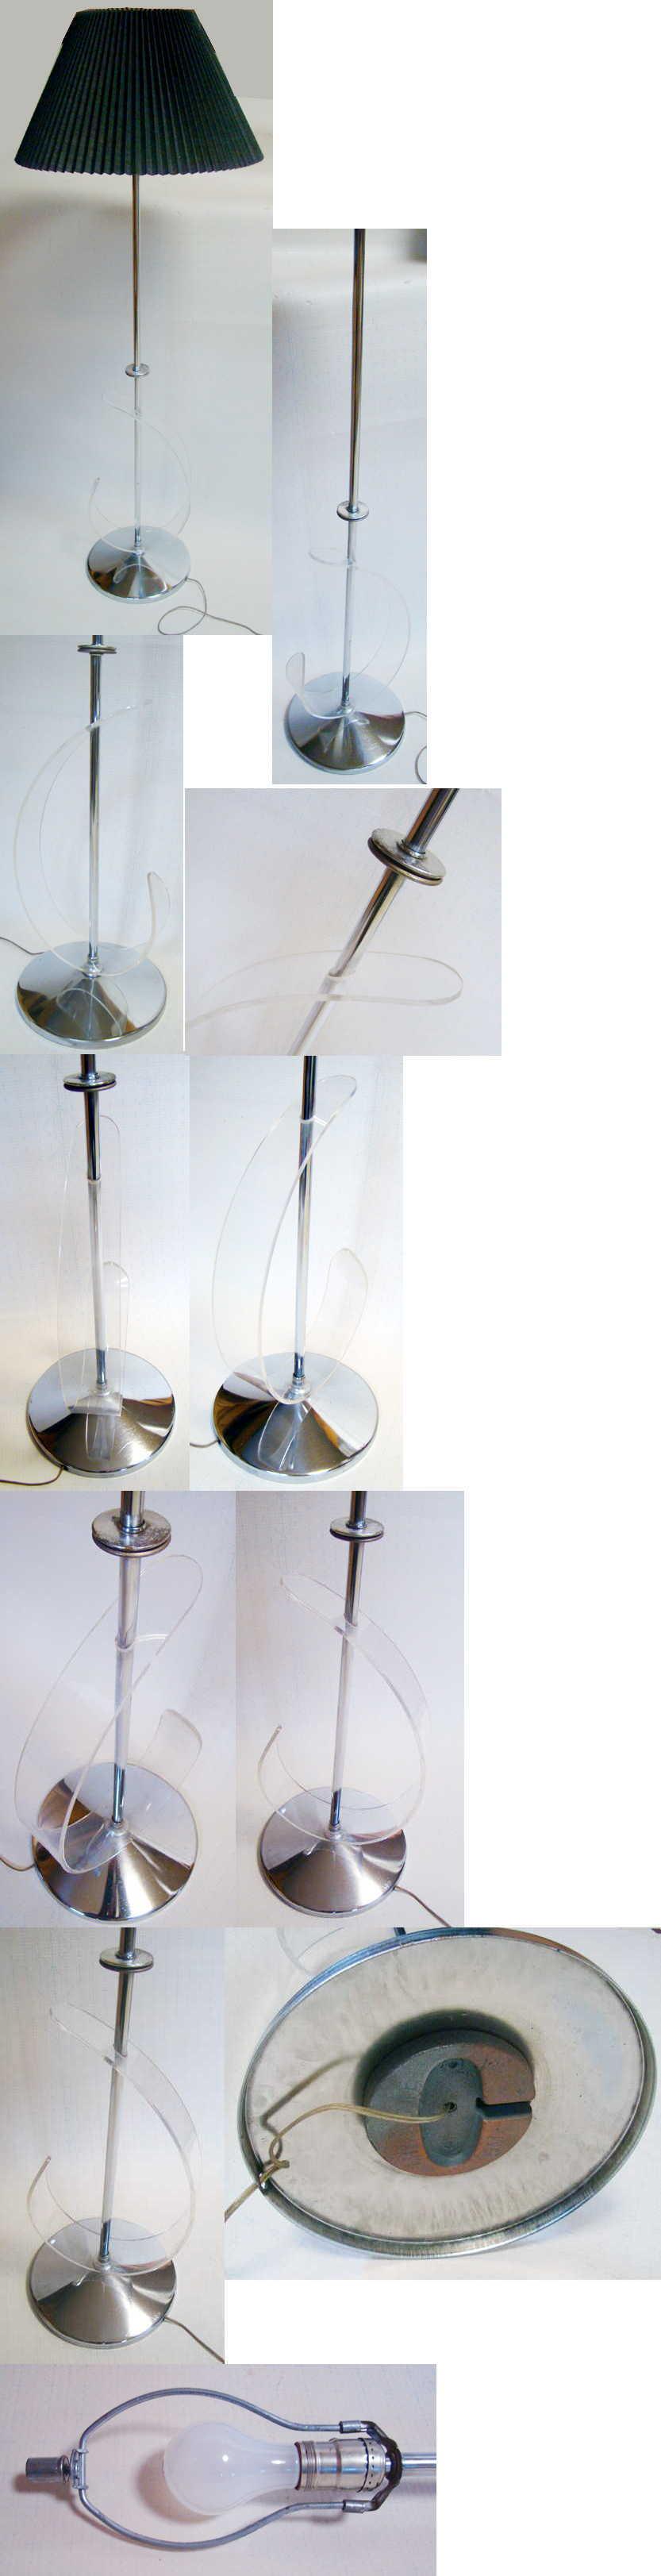 Retro Eames Herman Miller Knoll Mccobb Bertoia Lamps